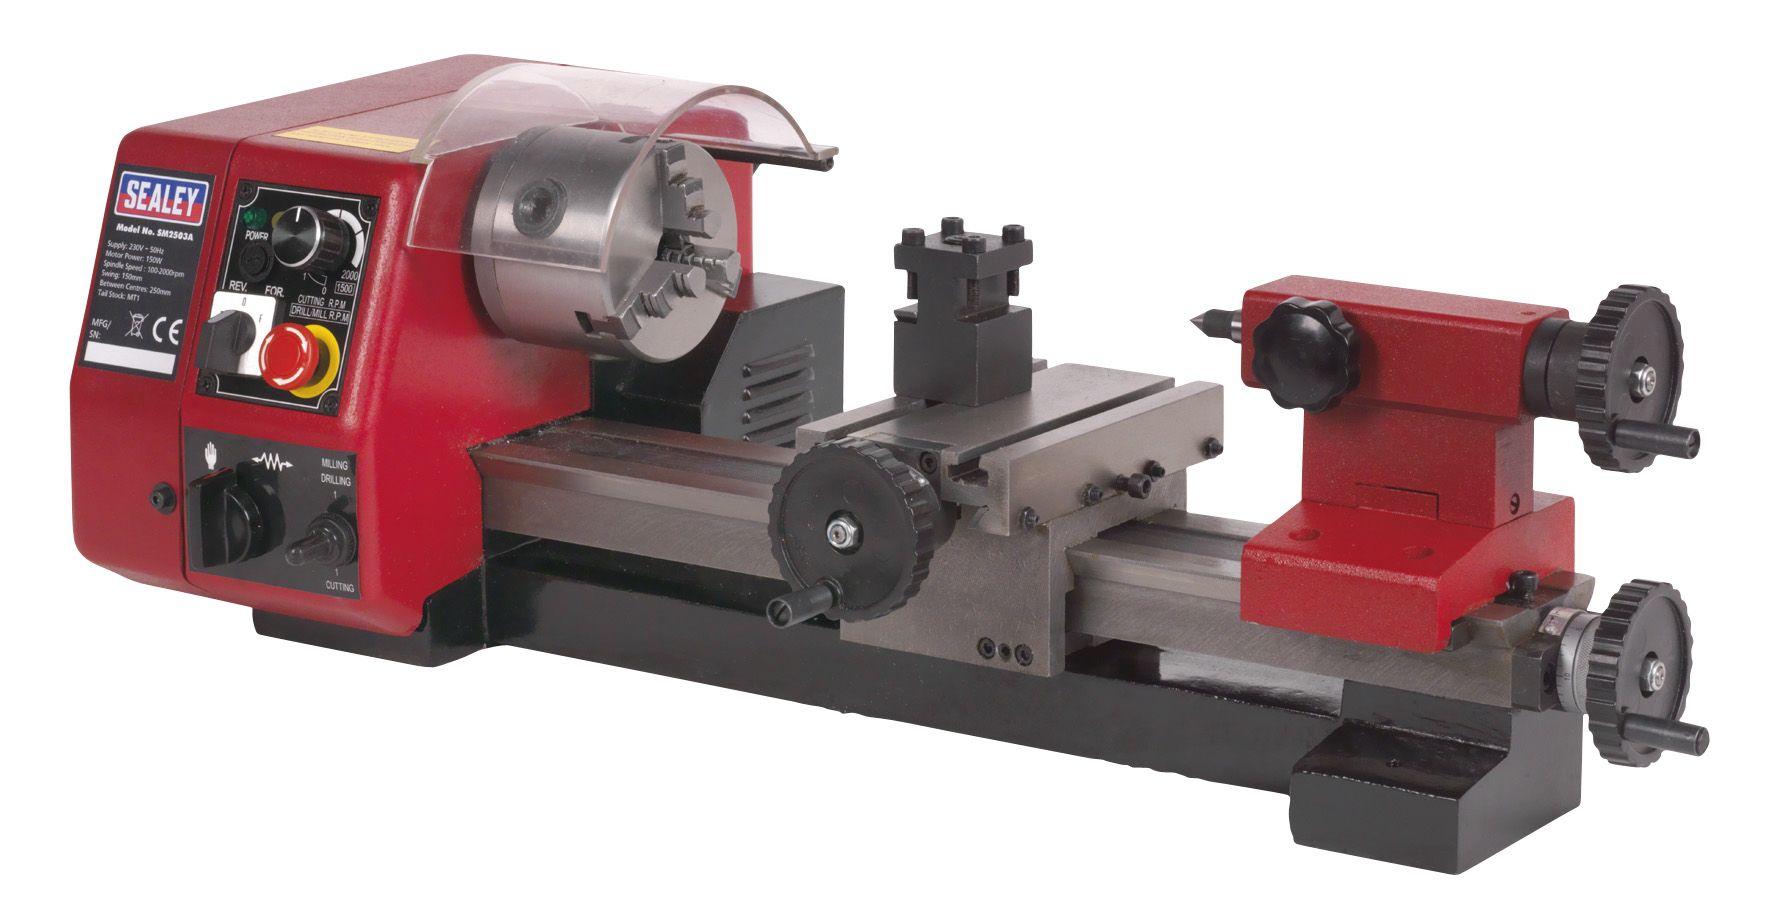 Sealey Metalworking Mini Lathe 250mm